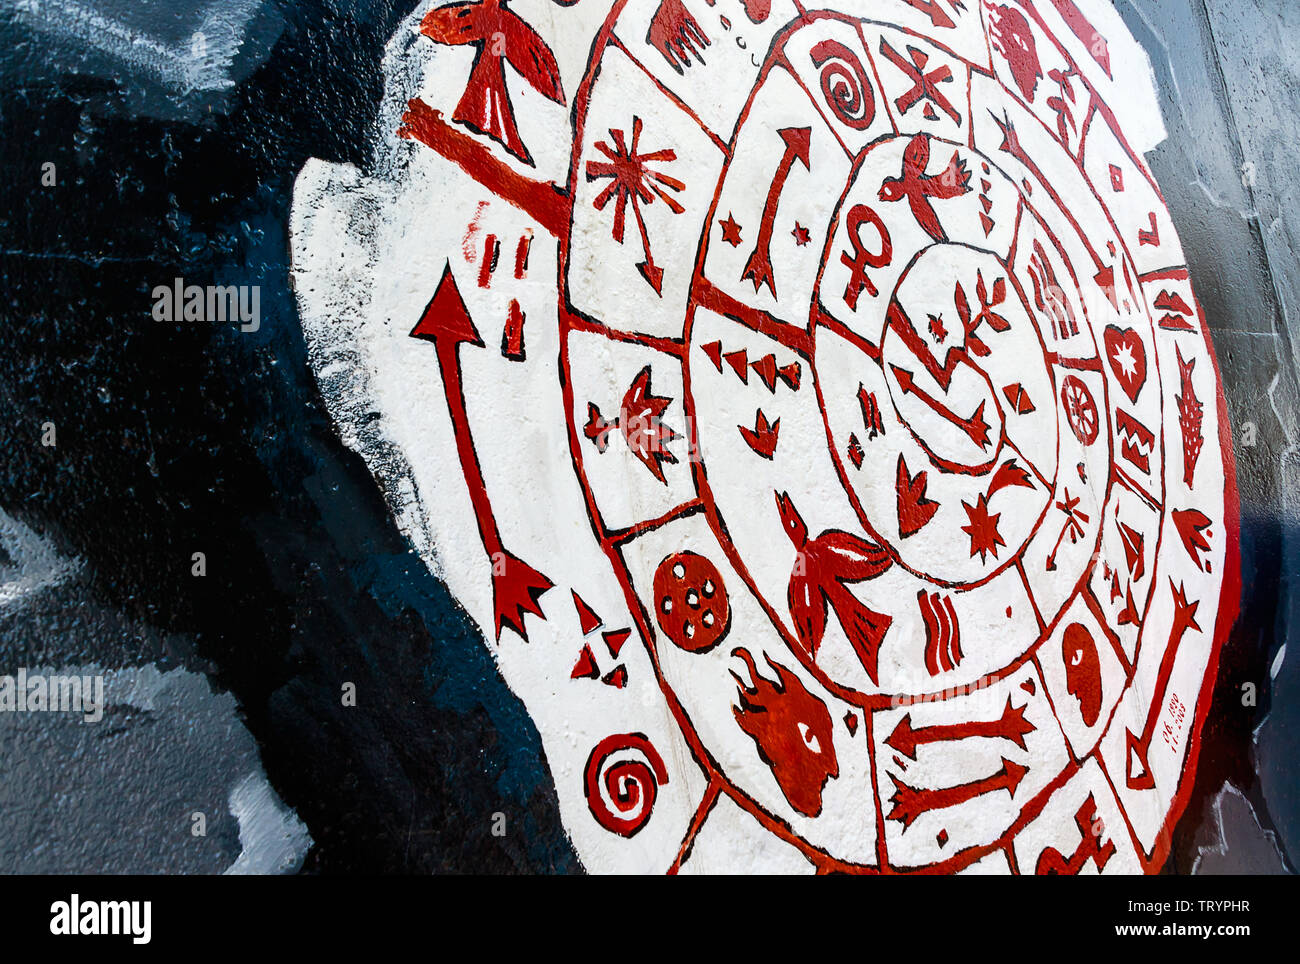 BERLIN, ALLEMAGNE - 27 juillet 2018: l'art du graffiti sur l'article original du mur de Berlin à l'East Side Gallery à Friedrichshain. Banque D'Images